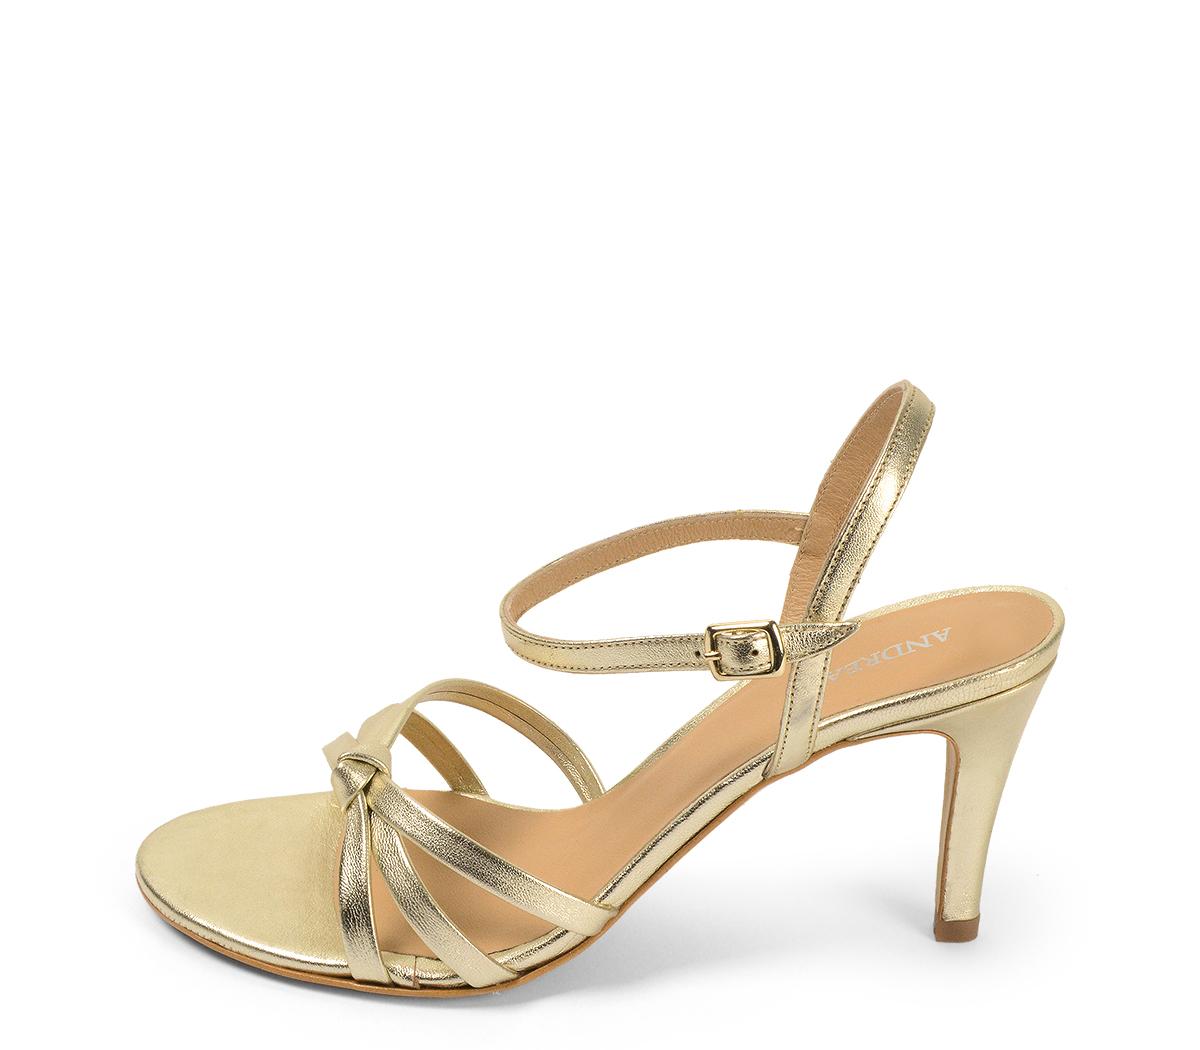 4247 Sandalia piel dorada con detalle nudo en la parte delantera y pulsera al tobillo con hebilla dorada. Altura tacón 8 cm y sin plataforma delantera.